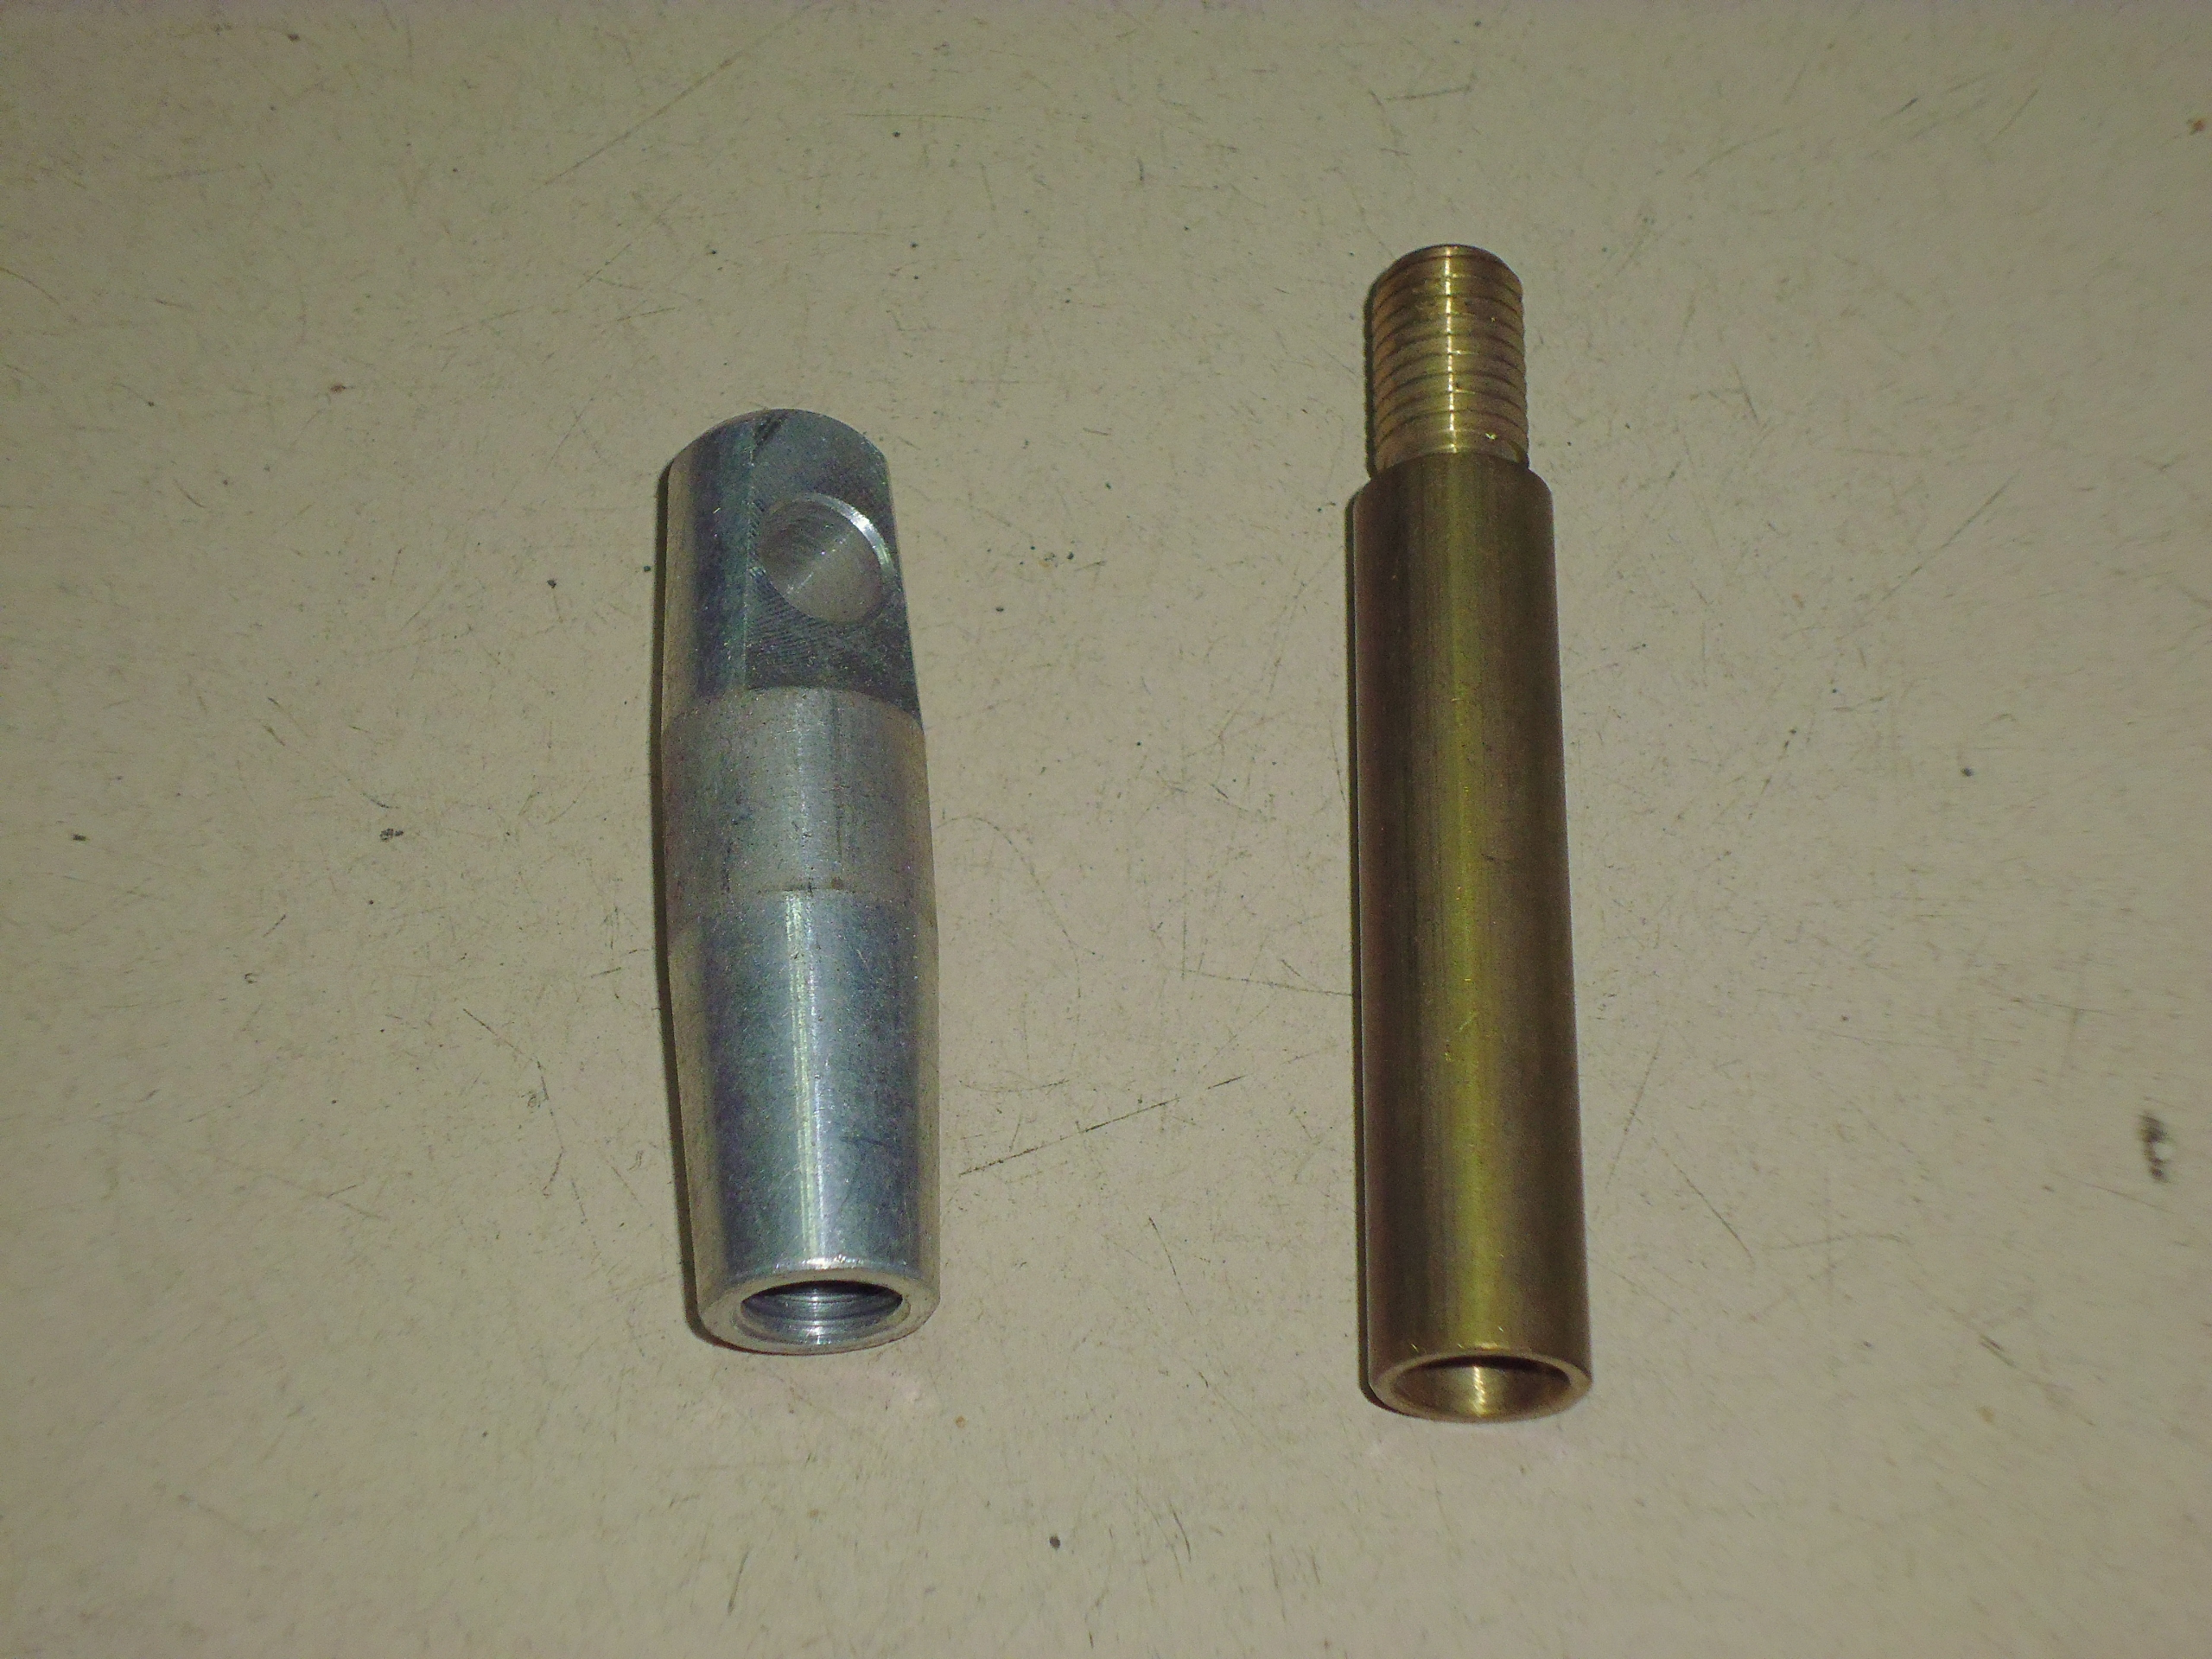 (HT360010)通管條鋁頭、(HT360020)通管條銅頭